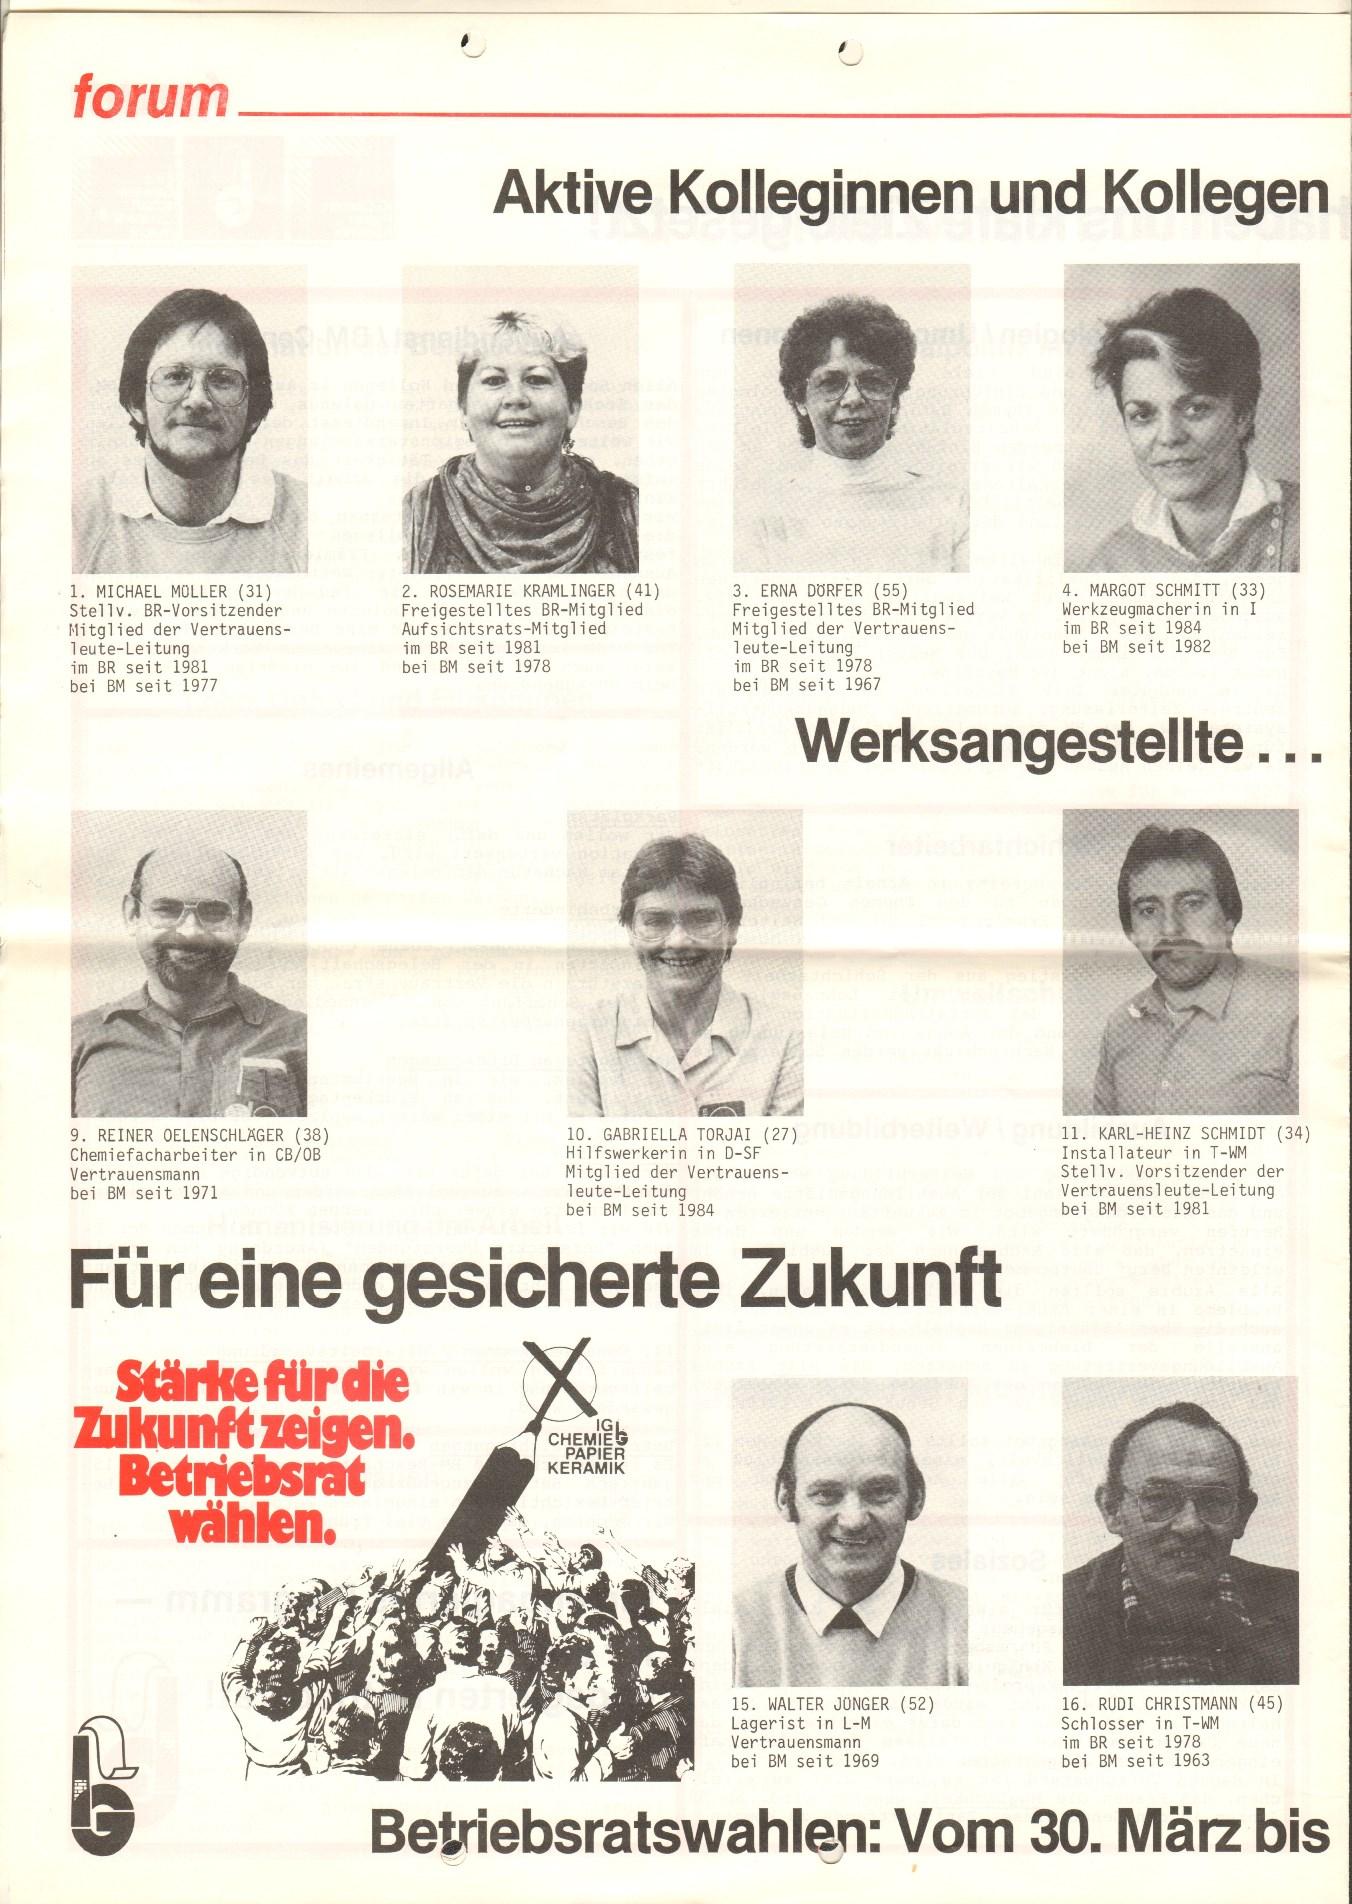 Mannheim_Boehringer_Ausschluss_VKL_1987_02_06